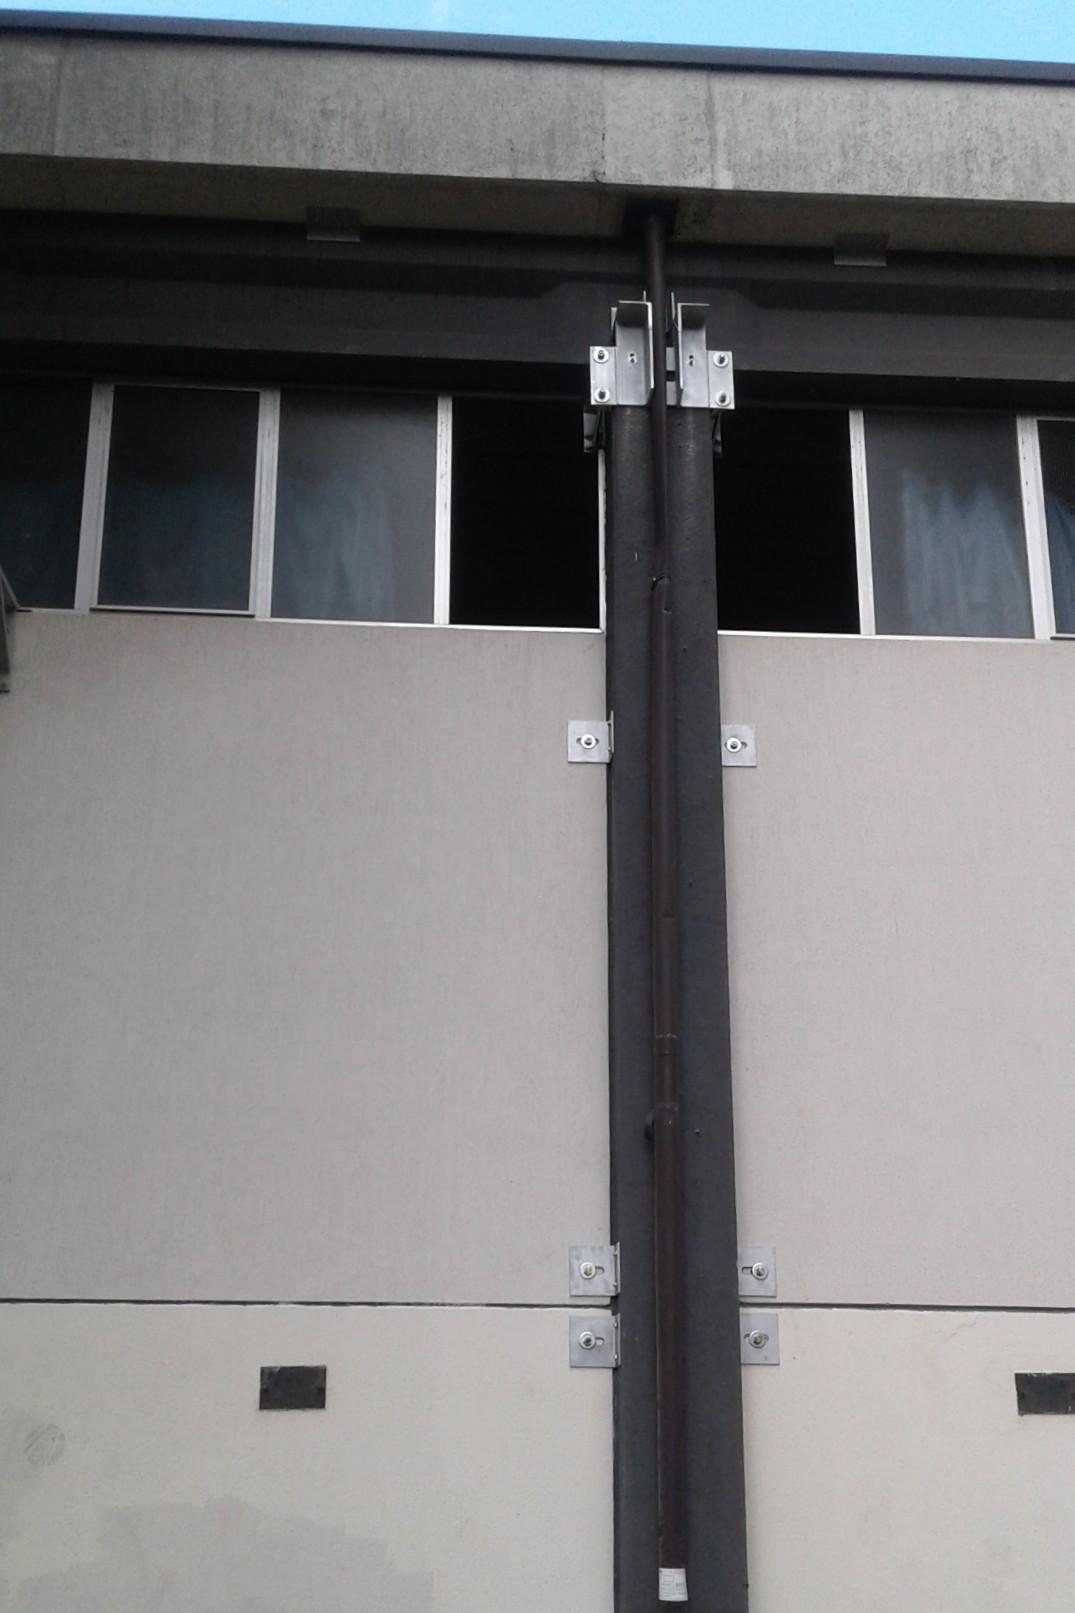 Vincolo trave pilastro corrispondente ad una finestratura - ITON SRL